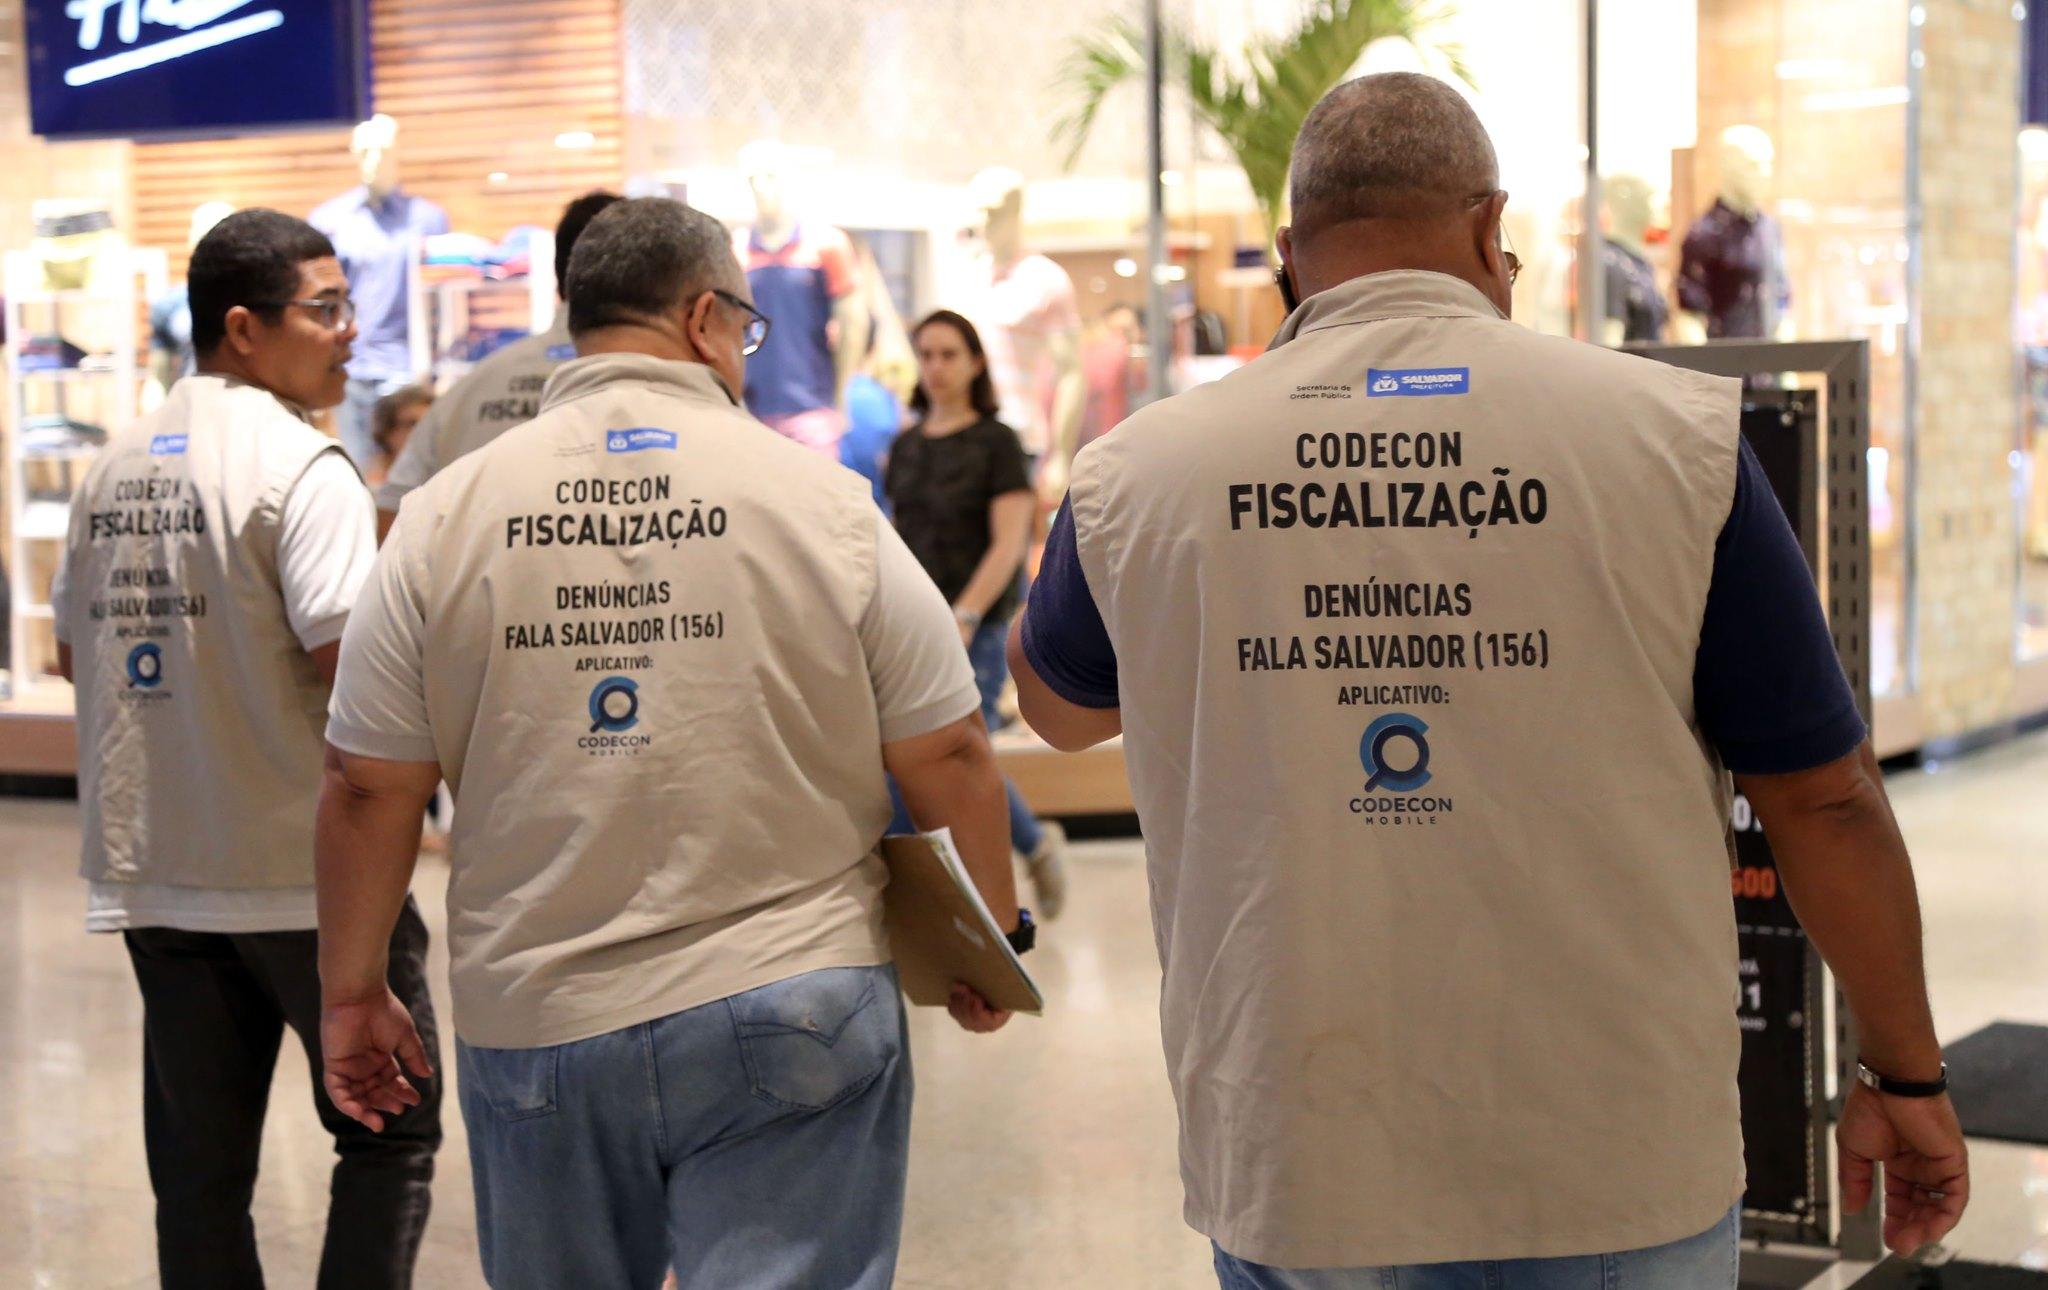 Codecon entrega selo para capacitados na primeira turma do Lojista Legal